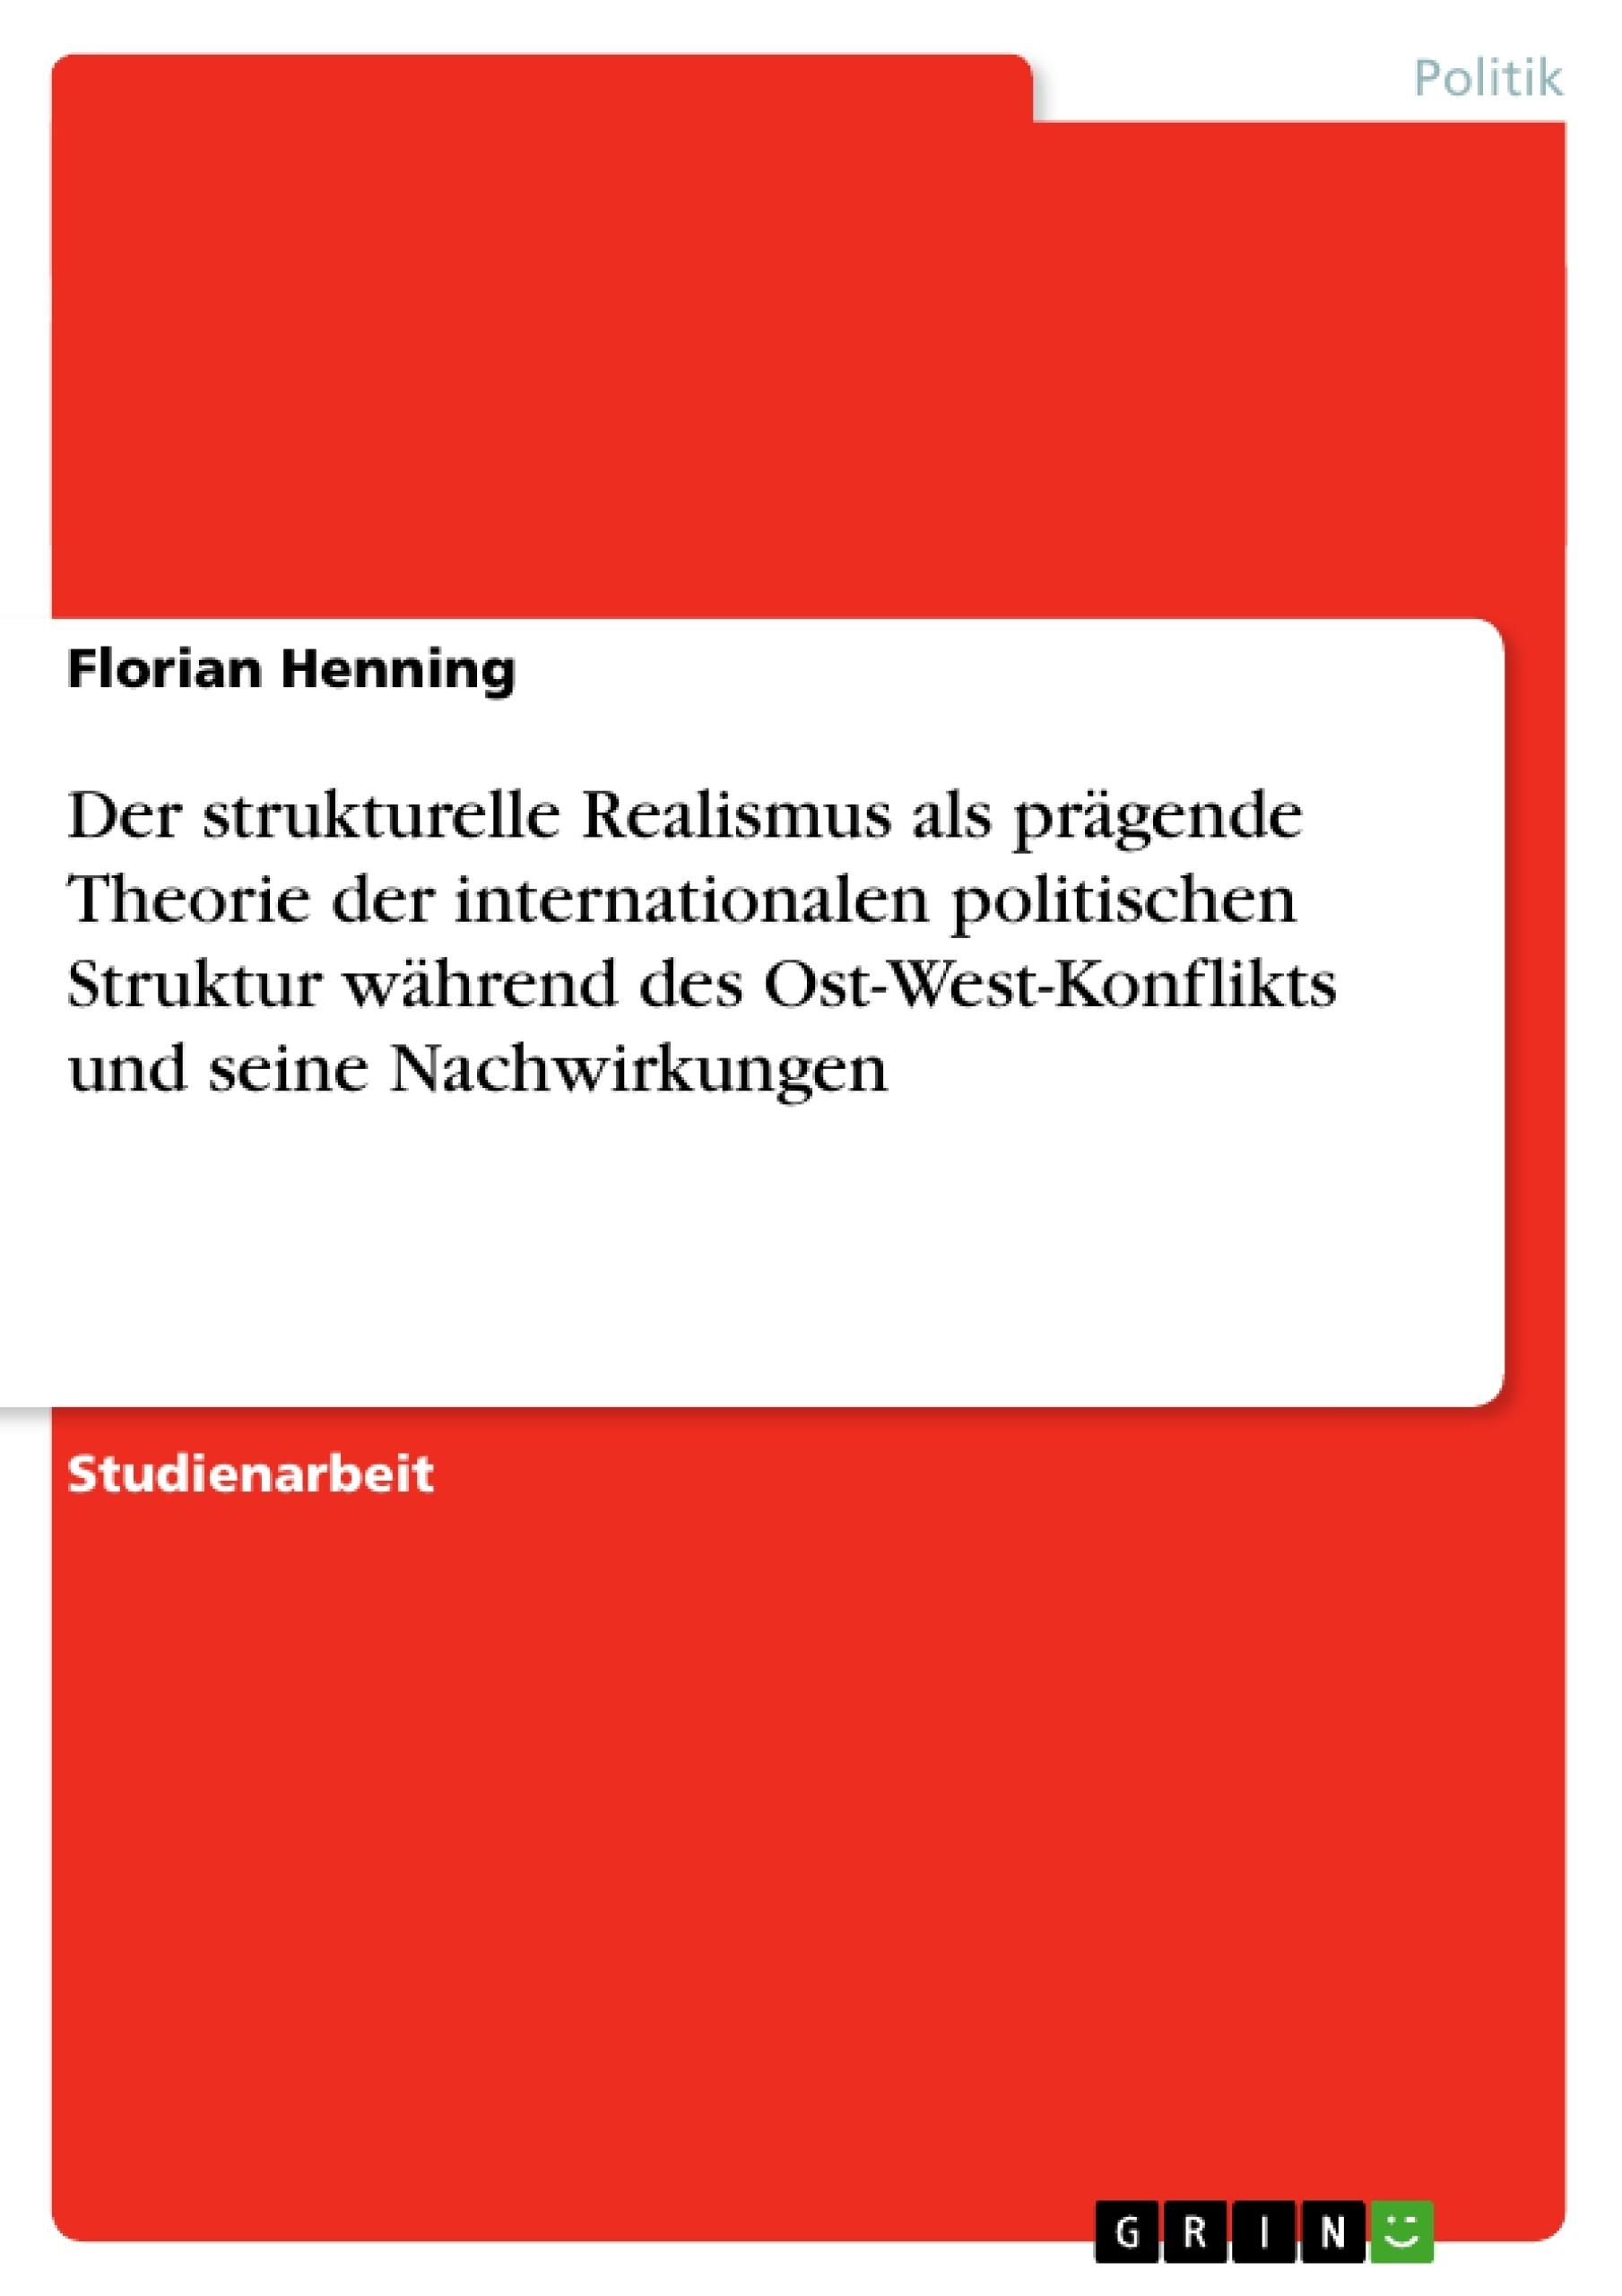 Titel: Der strukturelle Realismus als prägende Theorie der internationalen politischen Struktur während des Ost-West-Konflikts und seine Nachwirkungen